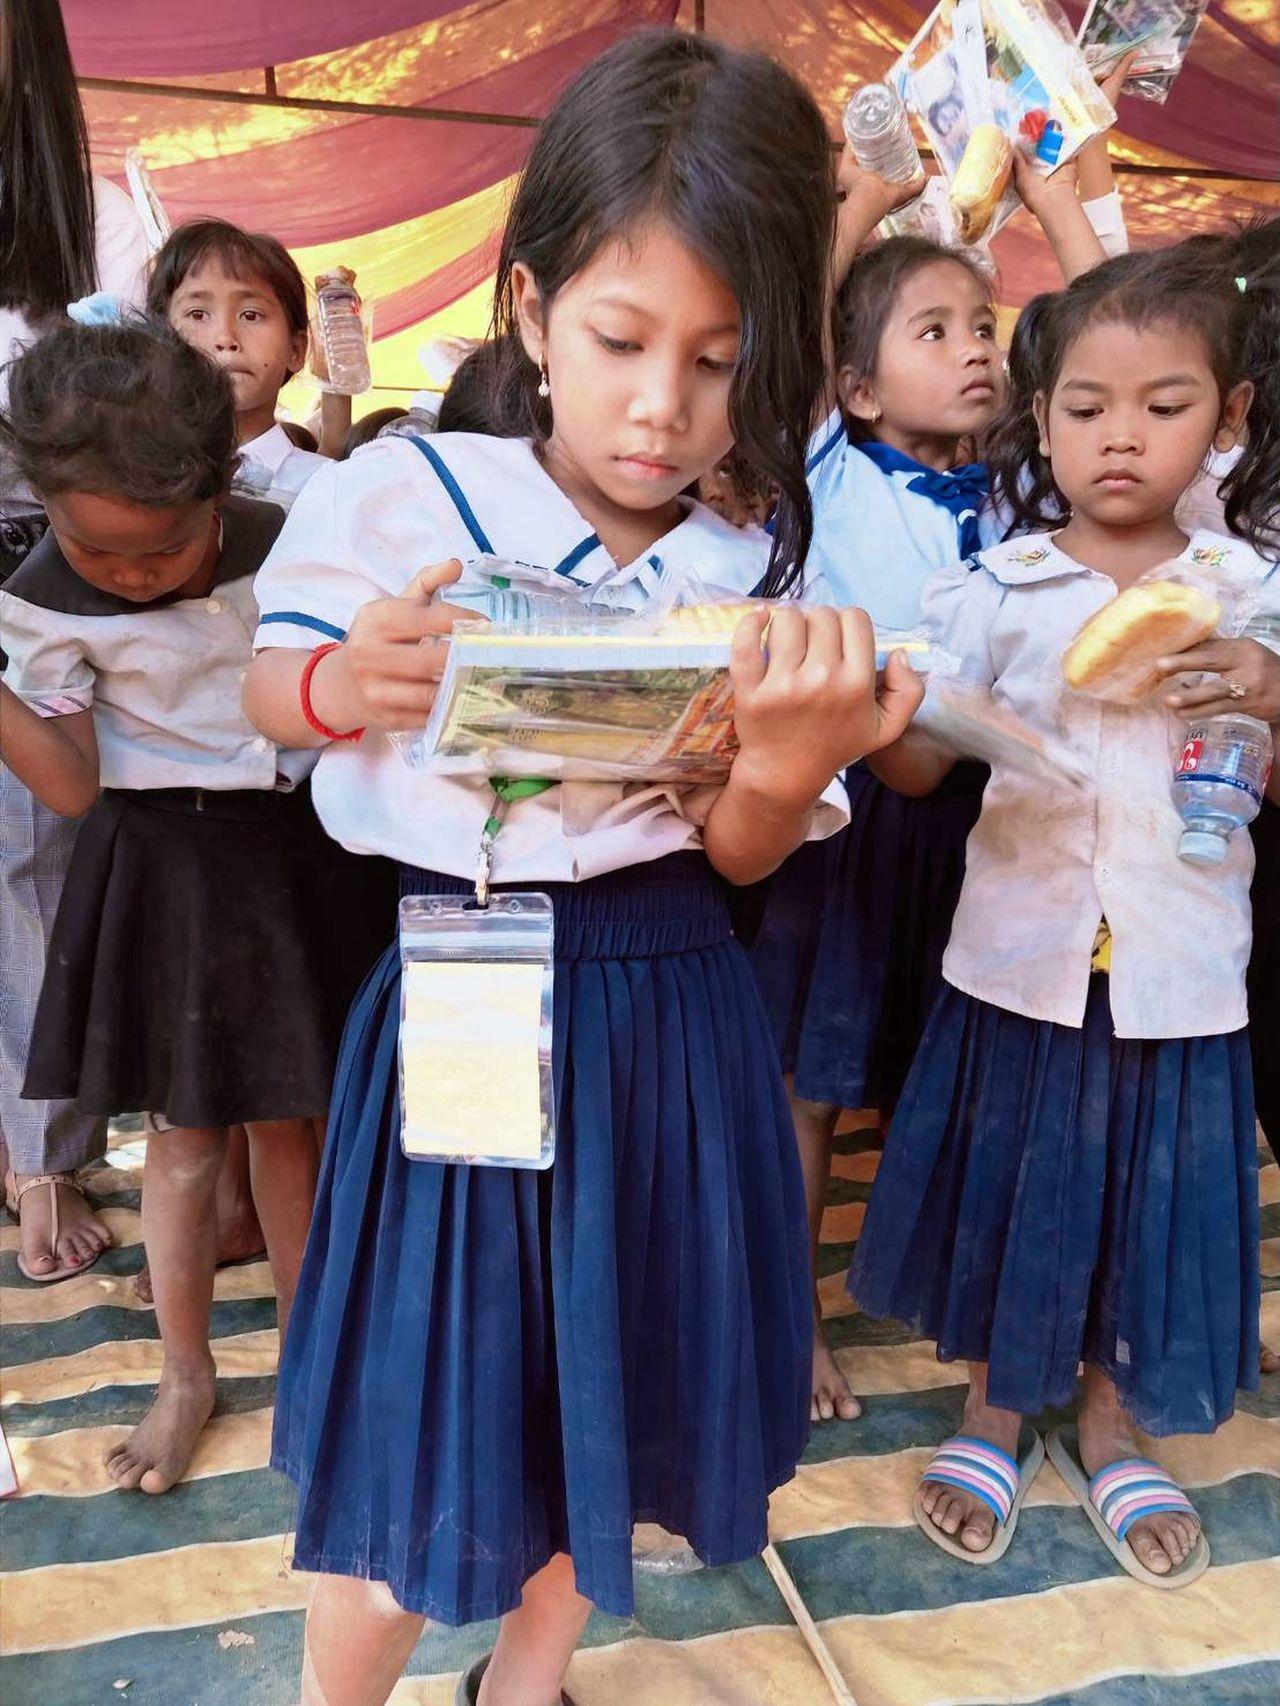 同濟會梓官分會號召「送書包到柬埔寨」 還差5000個!